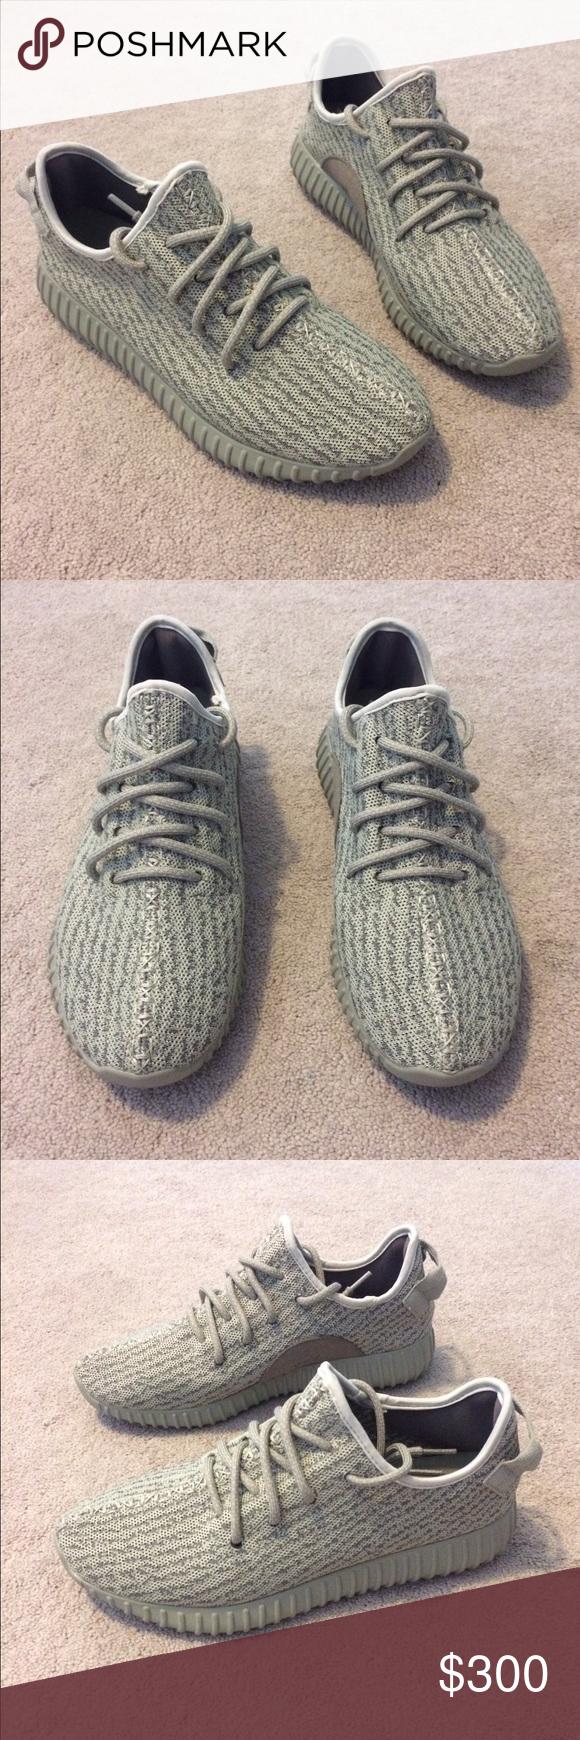 Adidas Yeezy 700 static size 8 #fashion #clothing #shoes #